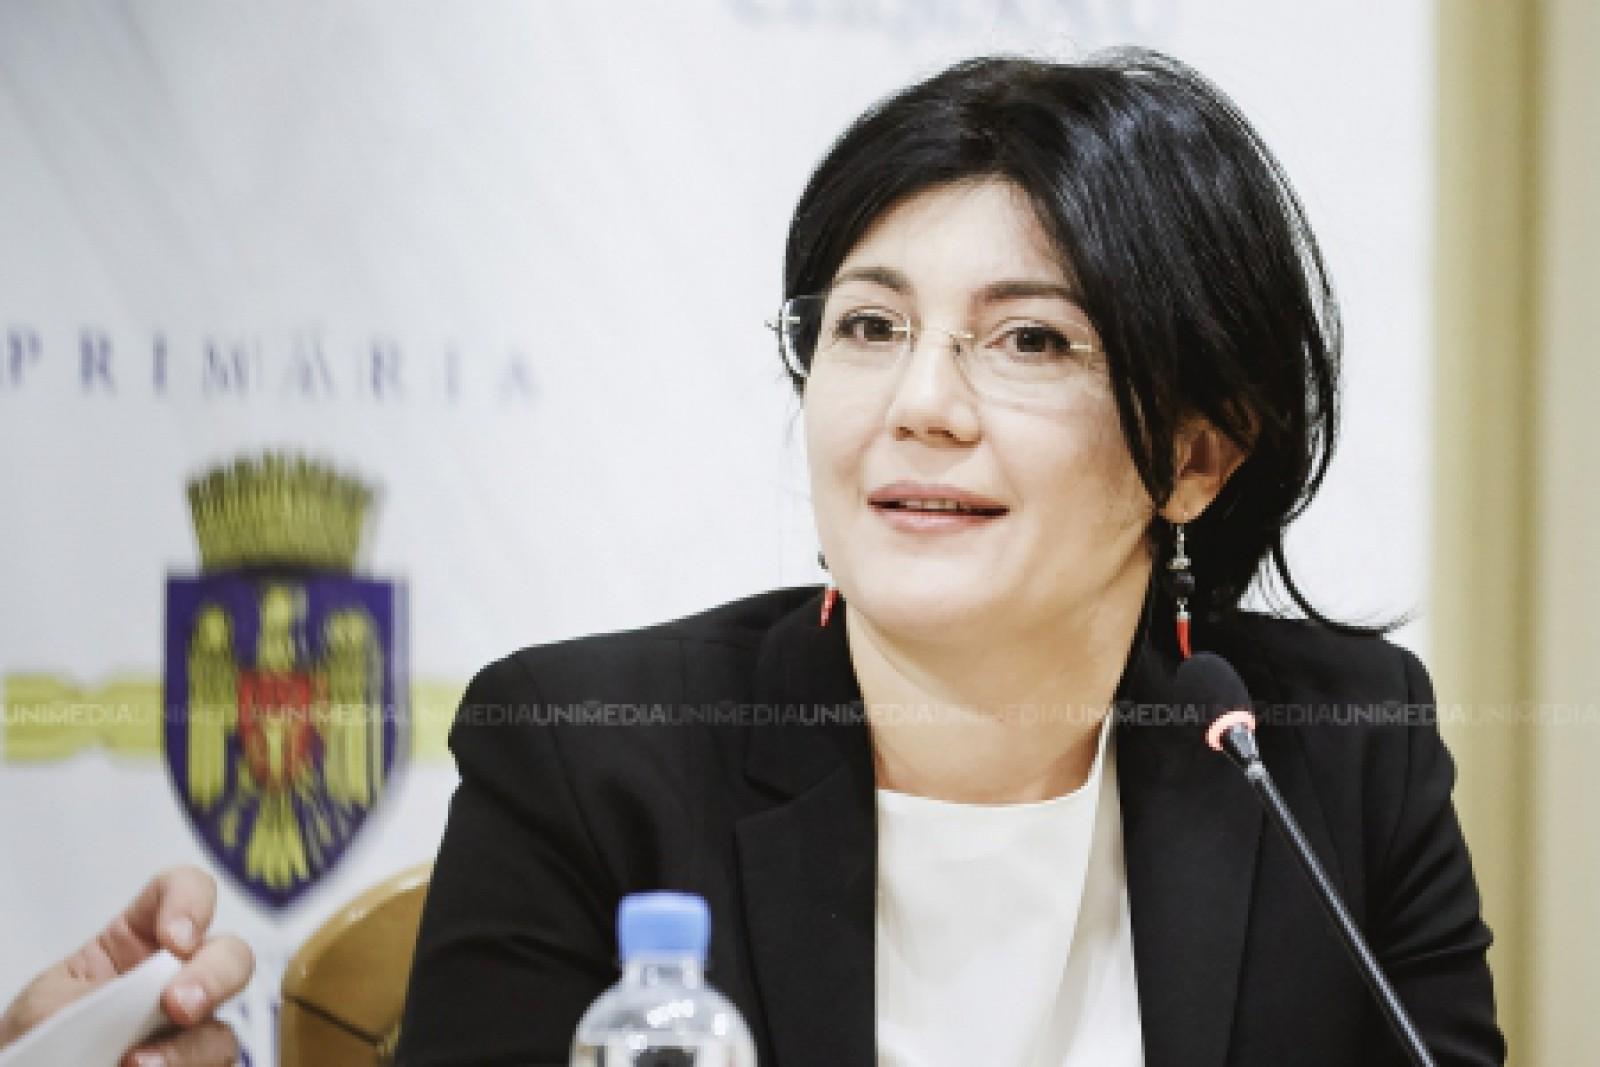 (foto) Silvia Radu a intrat în campanie electorală? Activitatea acesteia în ultima perioadă